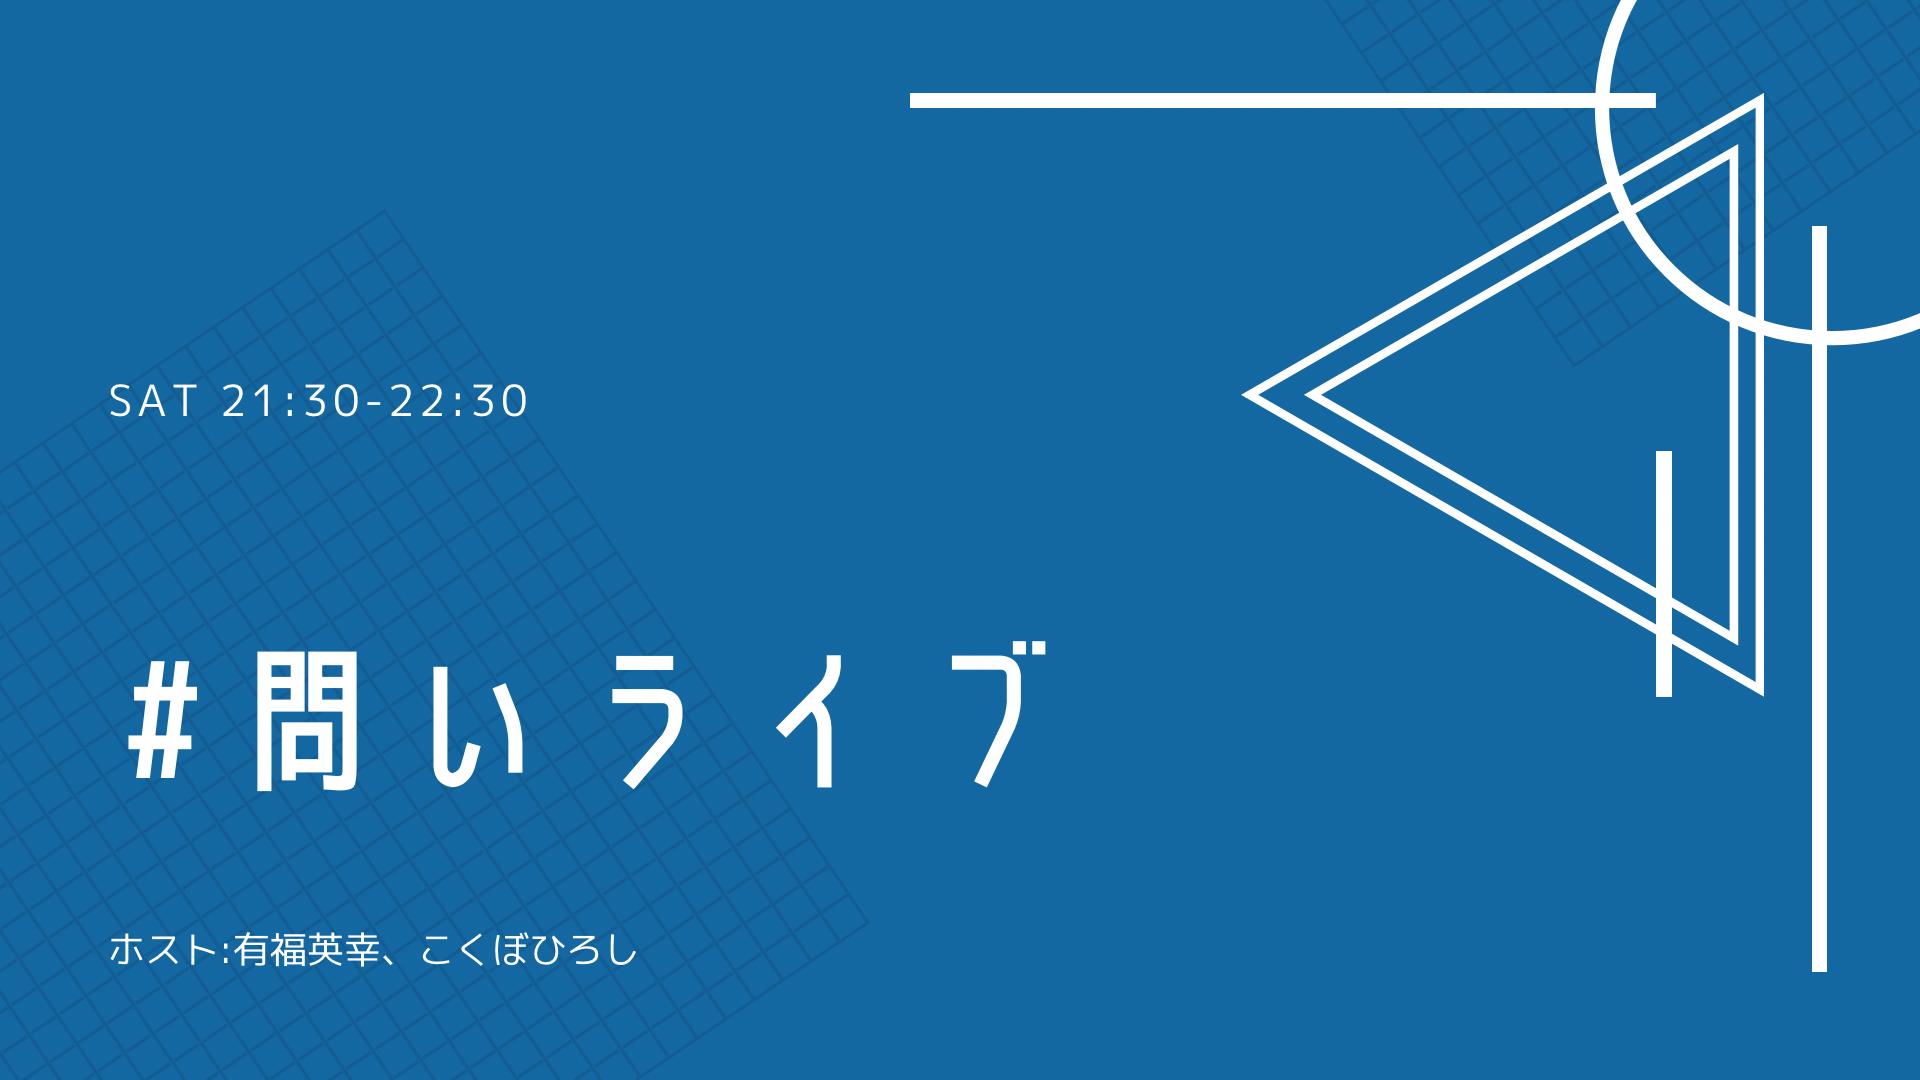 #問いライブ【地域の熱編】